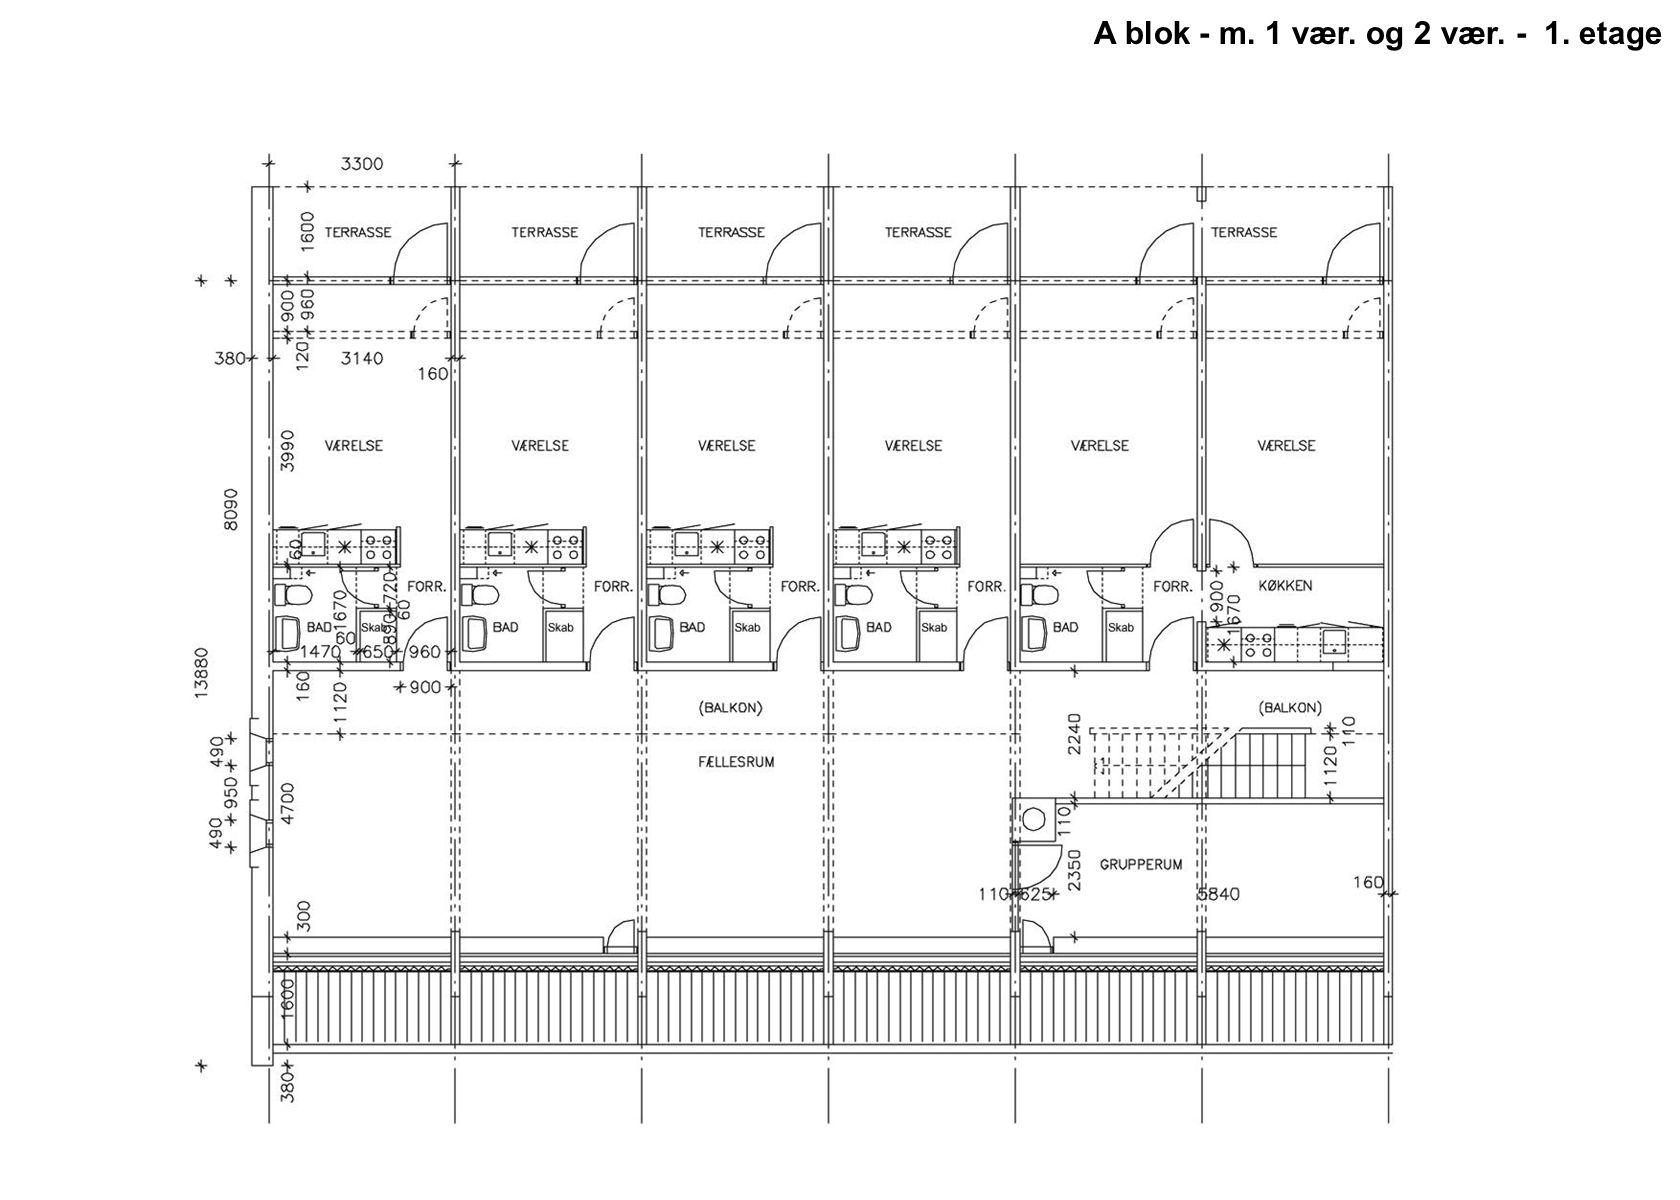 A blok - m. 1 vær. og 2 vær. - 1. etage